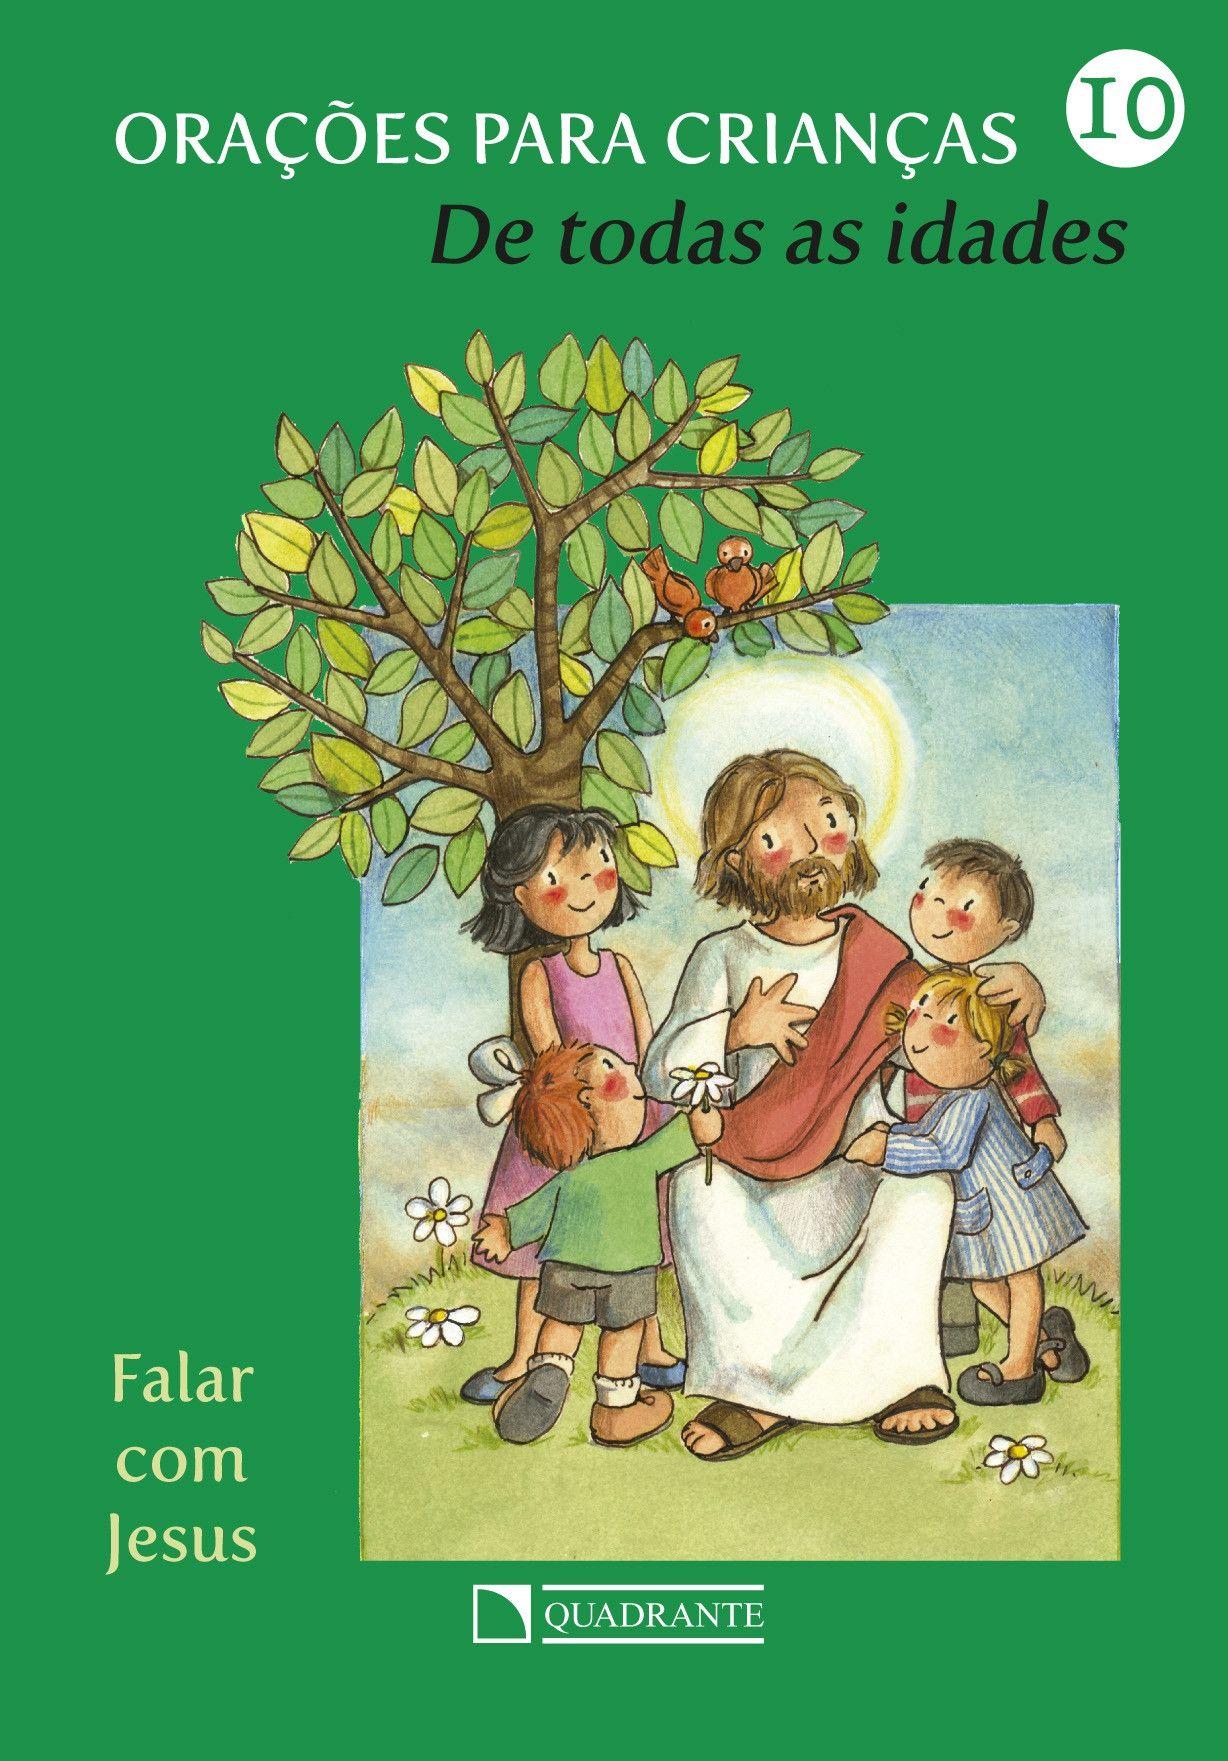 De todas as idades - Orações para crianças - 10